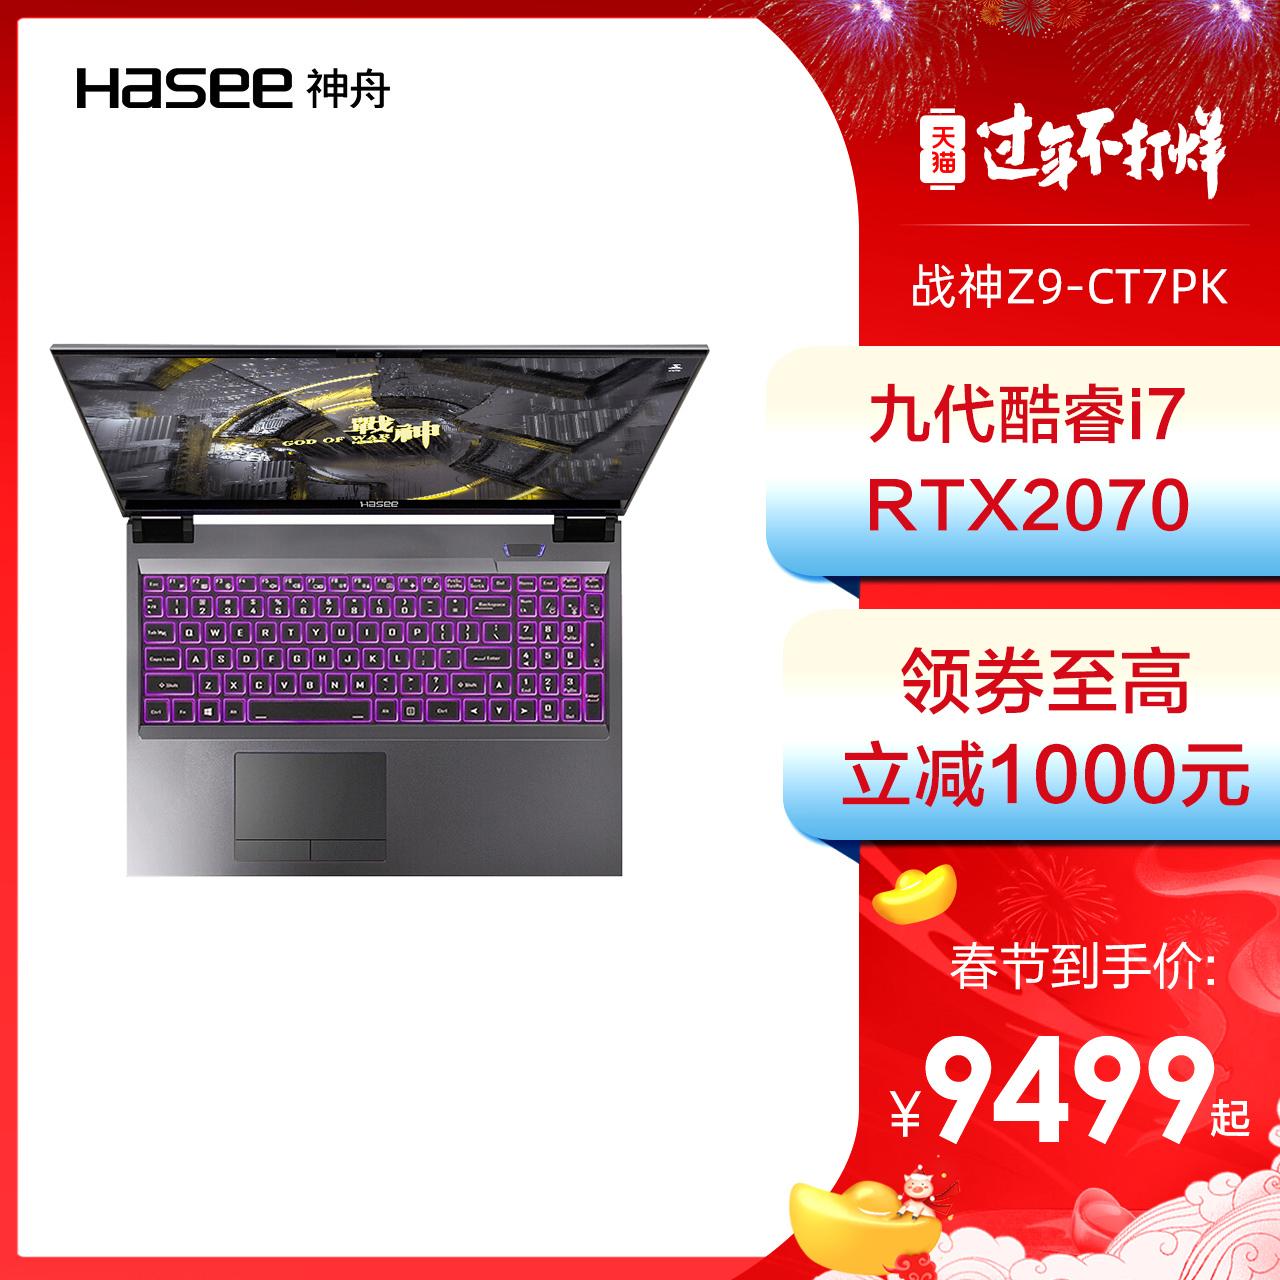 Hasee/神舟 戰神Z9 RTX2070游戲本